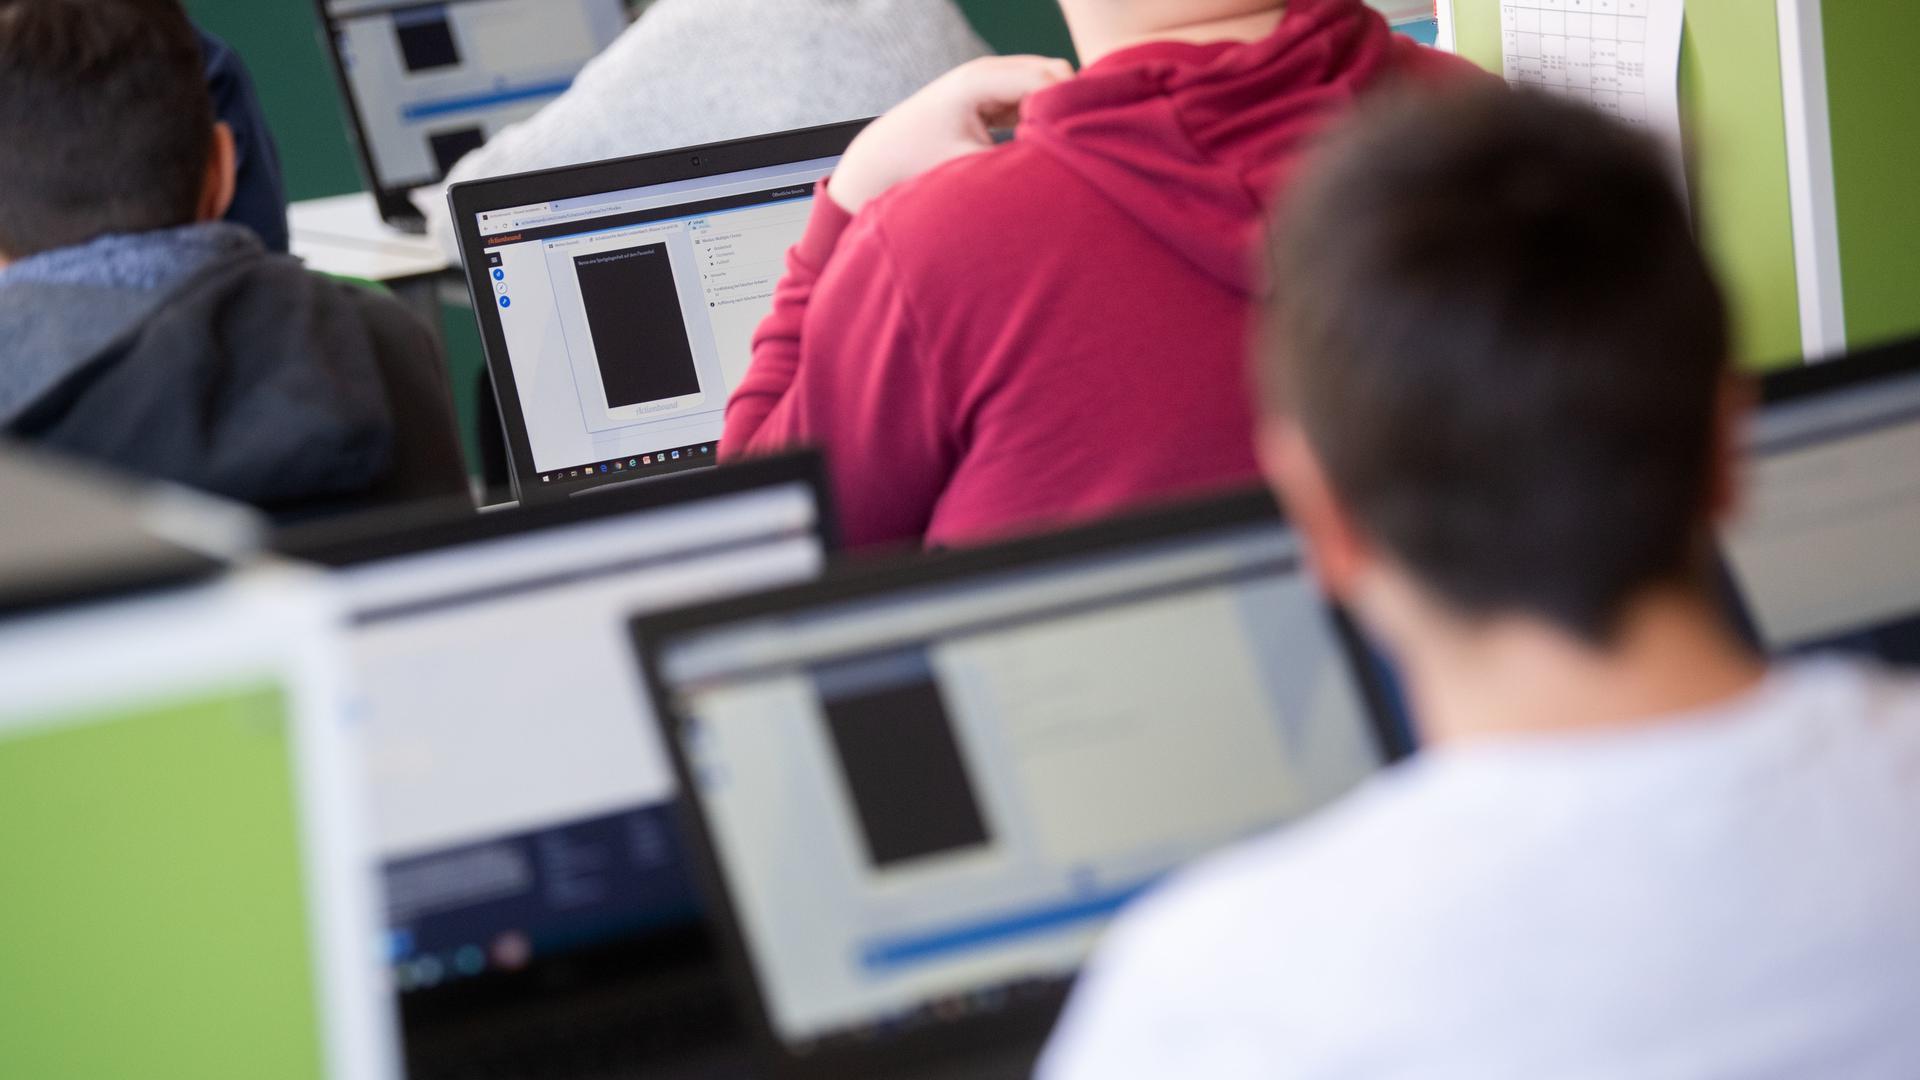 Schülerinnen und Schüler nehmen im Klassenzimmer einer 9. Klasse der Gemeinschaftsschule Leutenbach mm Geografieunterricht mit Hilfe von Laptops und Tablets teil.